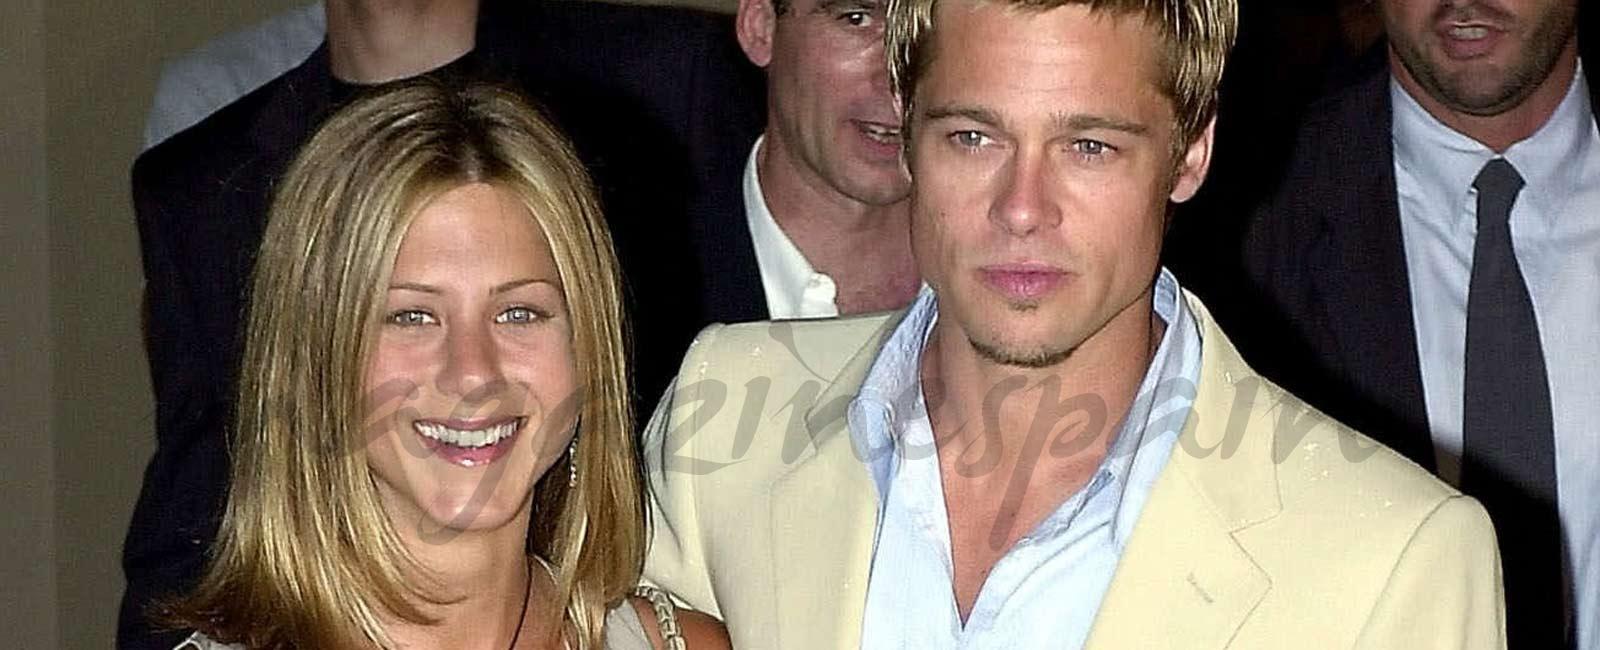 La soltería de Jennifer Aniston y Brad Pitt revoluciona las redes sociales